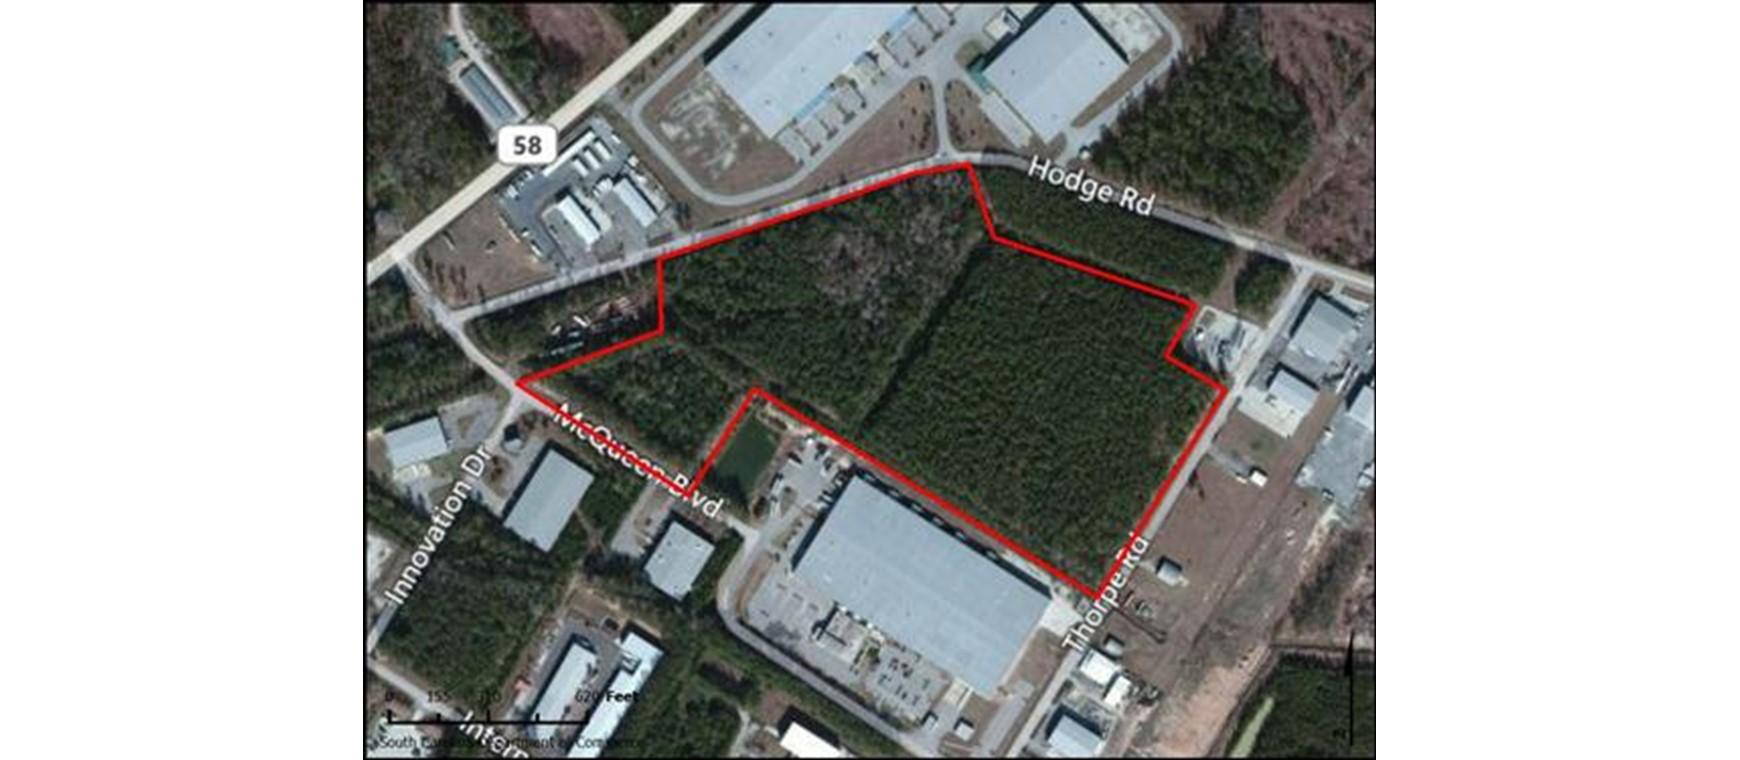 Sites & Buildings - Dorchester County Economic Development